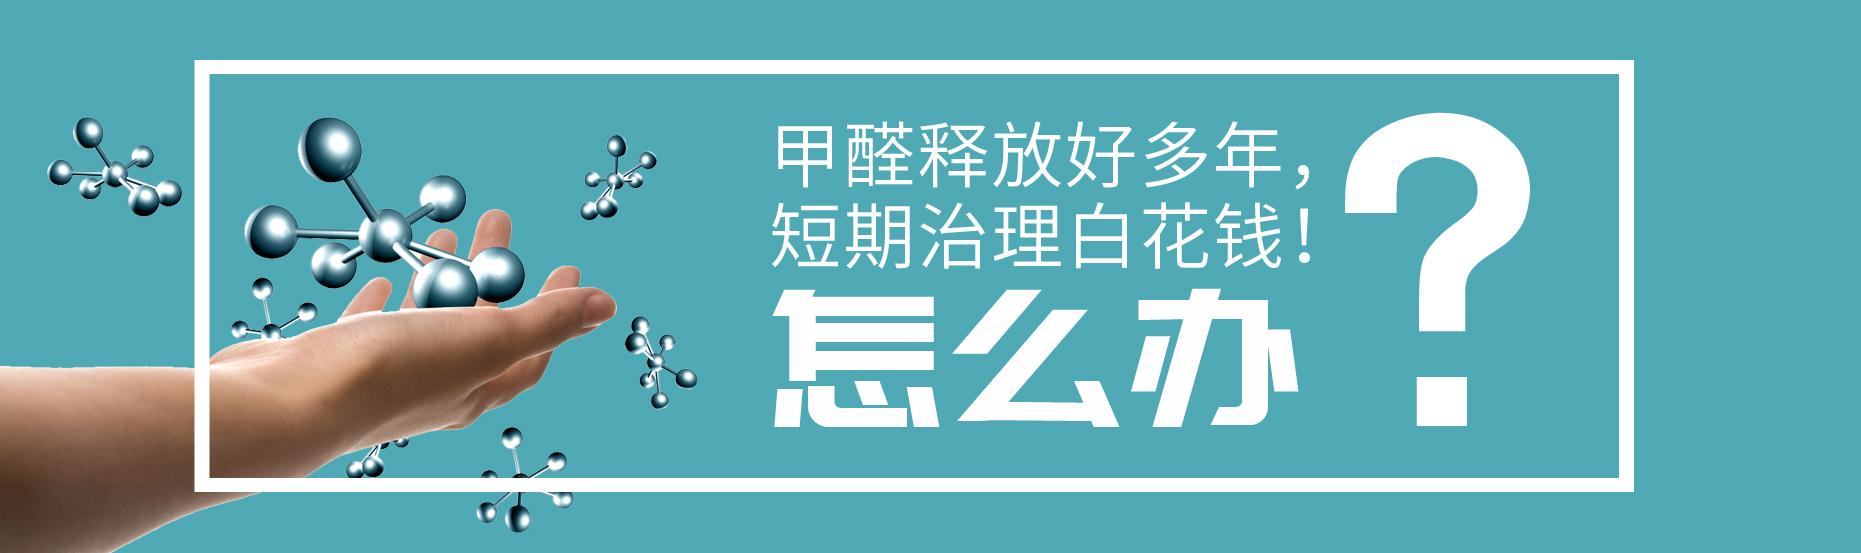 郑州除氨气公司